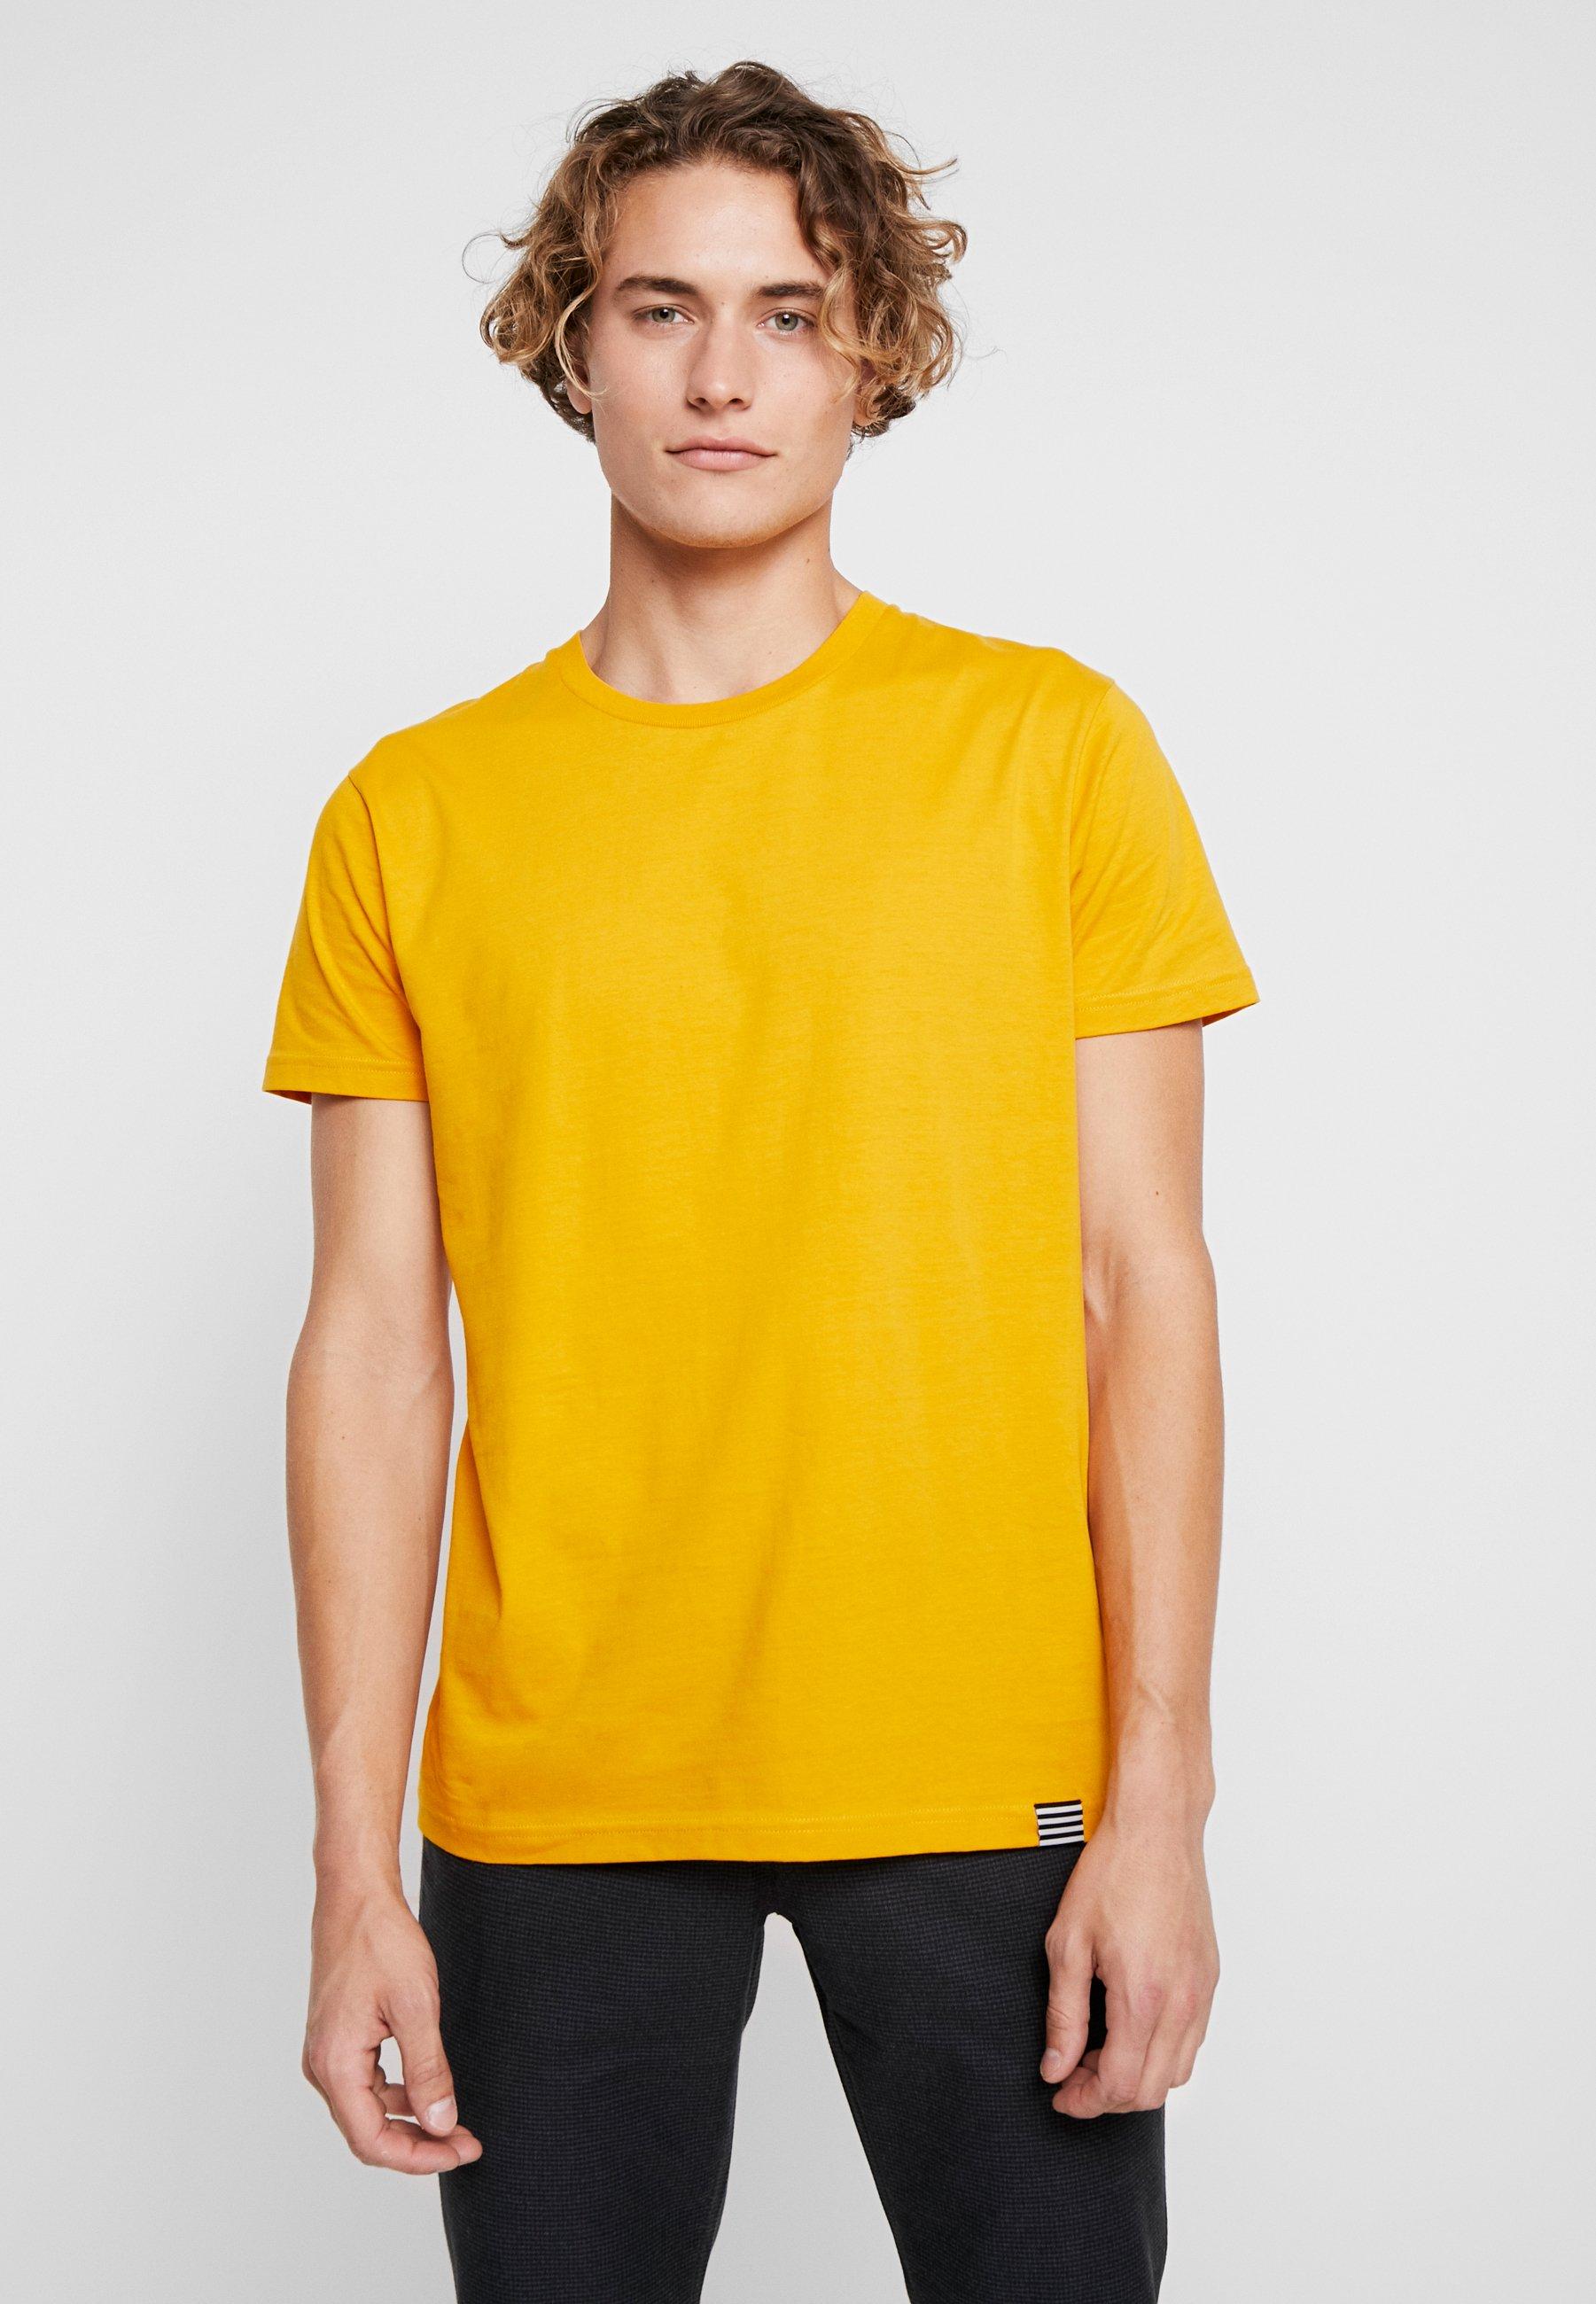 Camiseta amarilla y pantalón negro